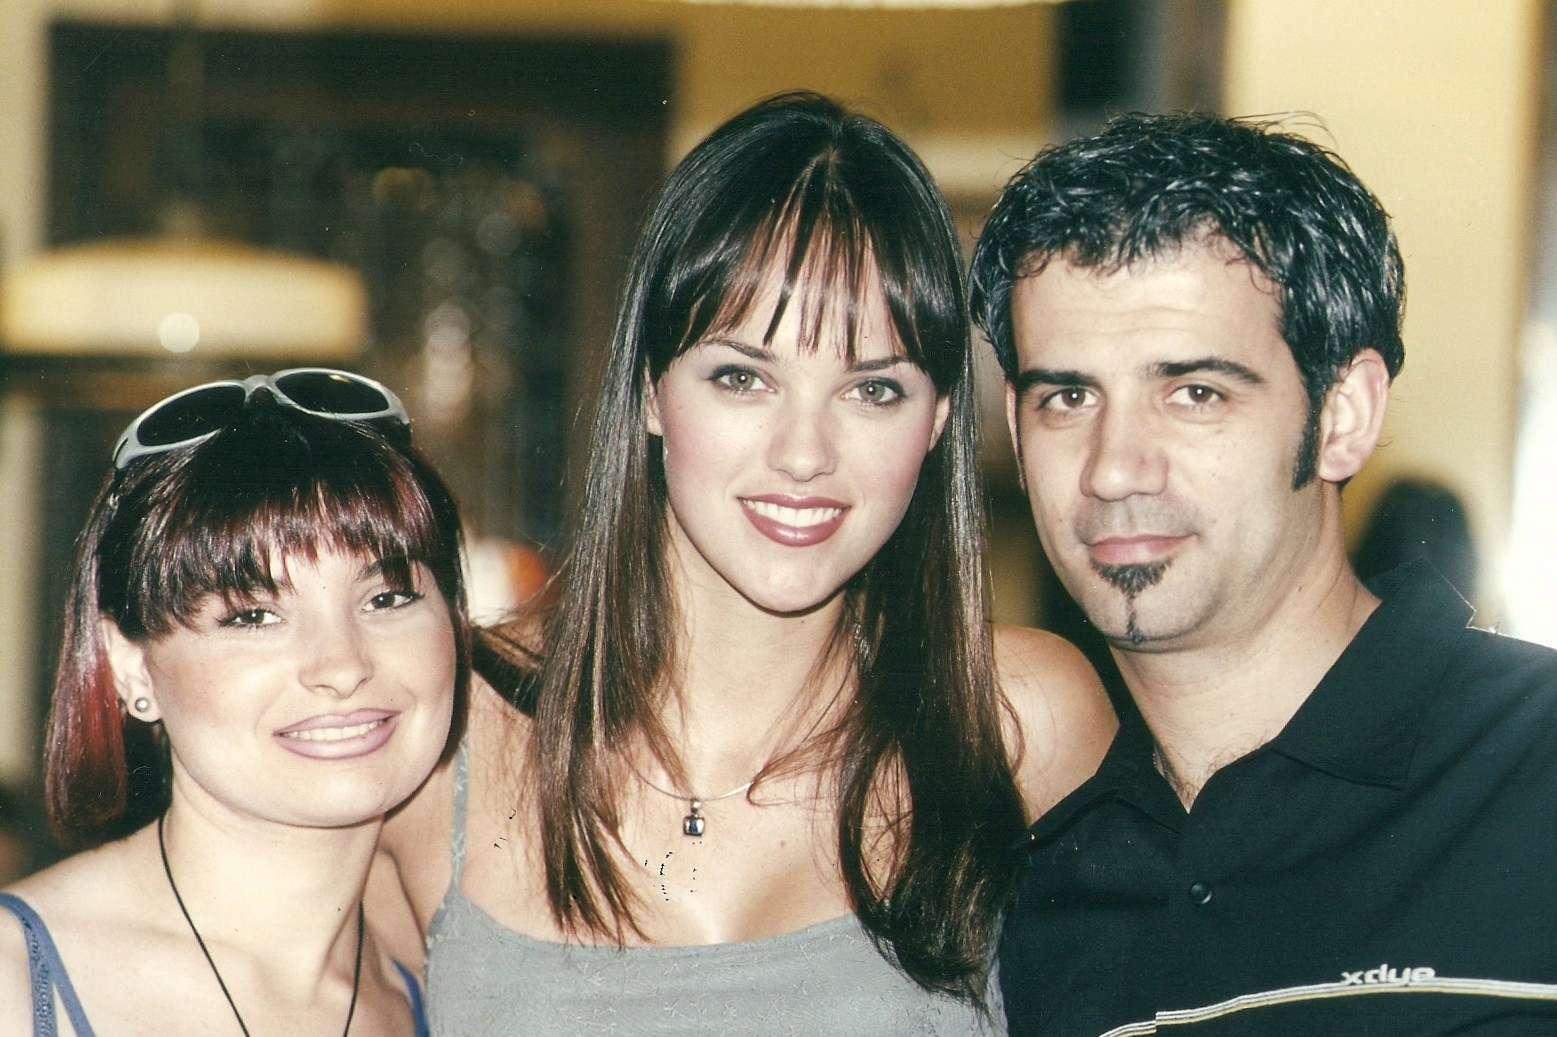 helen lindes griffiths, 2nd runner-up de miss universe 2000. Helen-13